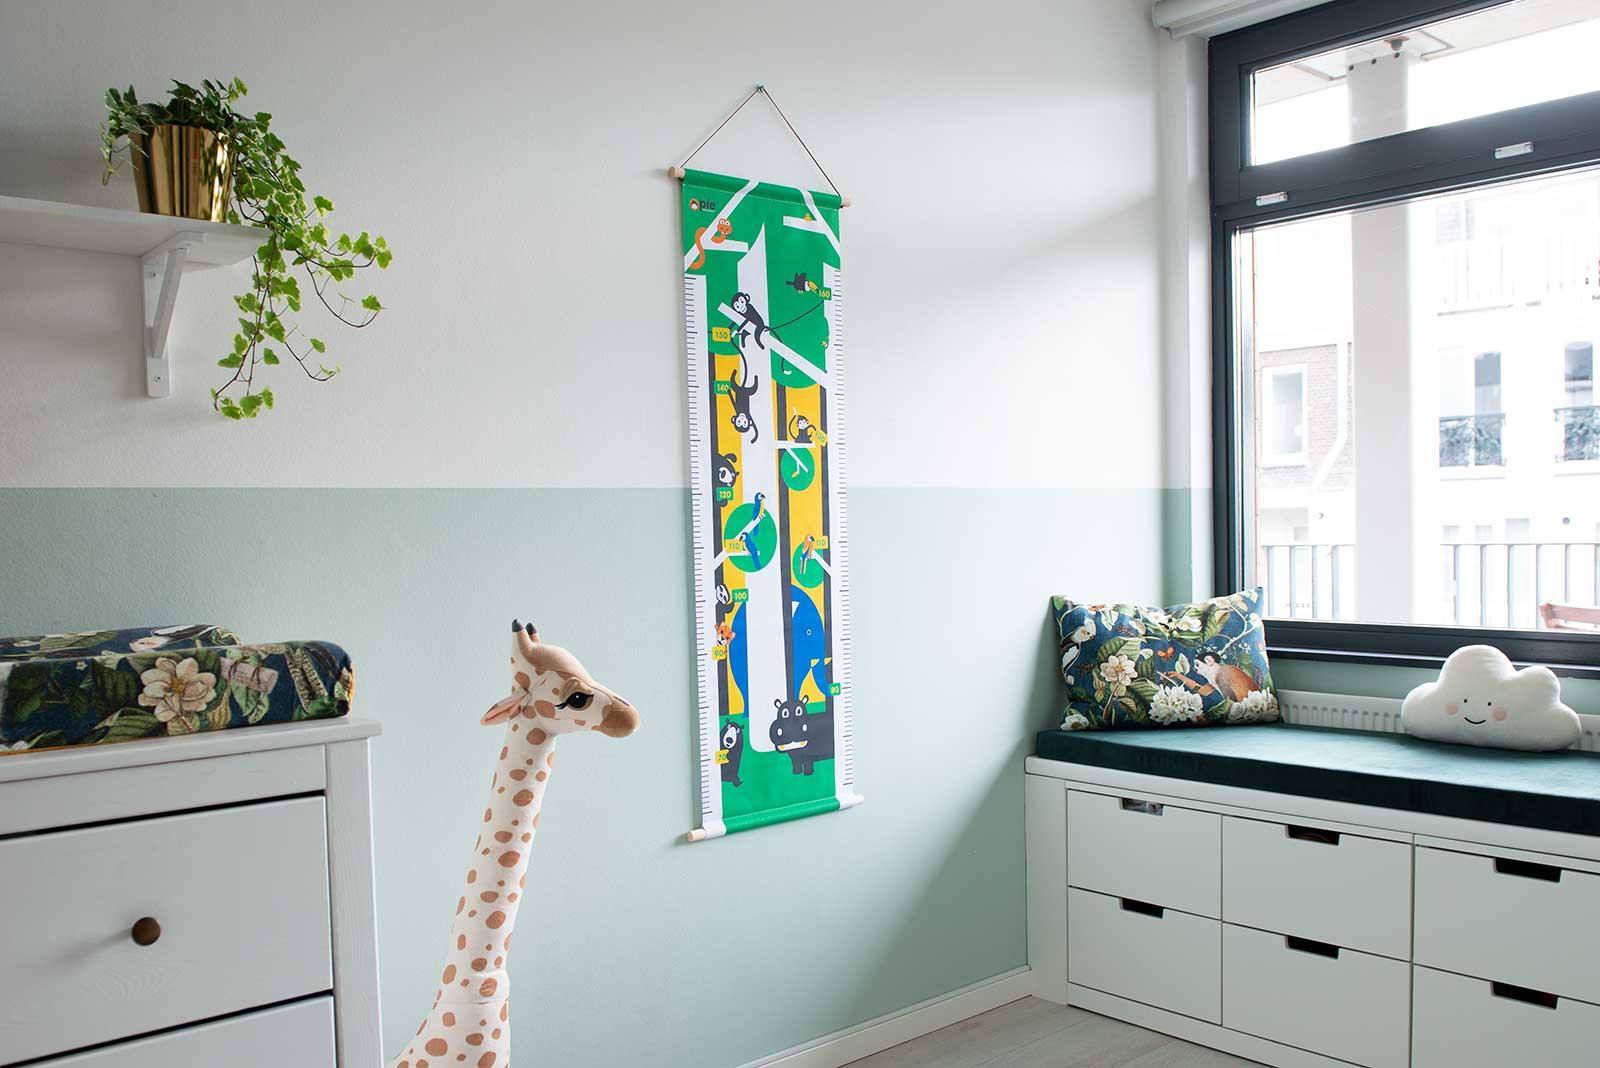 Groeimeter op textiel met beukenhouten stokken - aapje Pie & jungle dieren - Coco kan het!